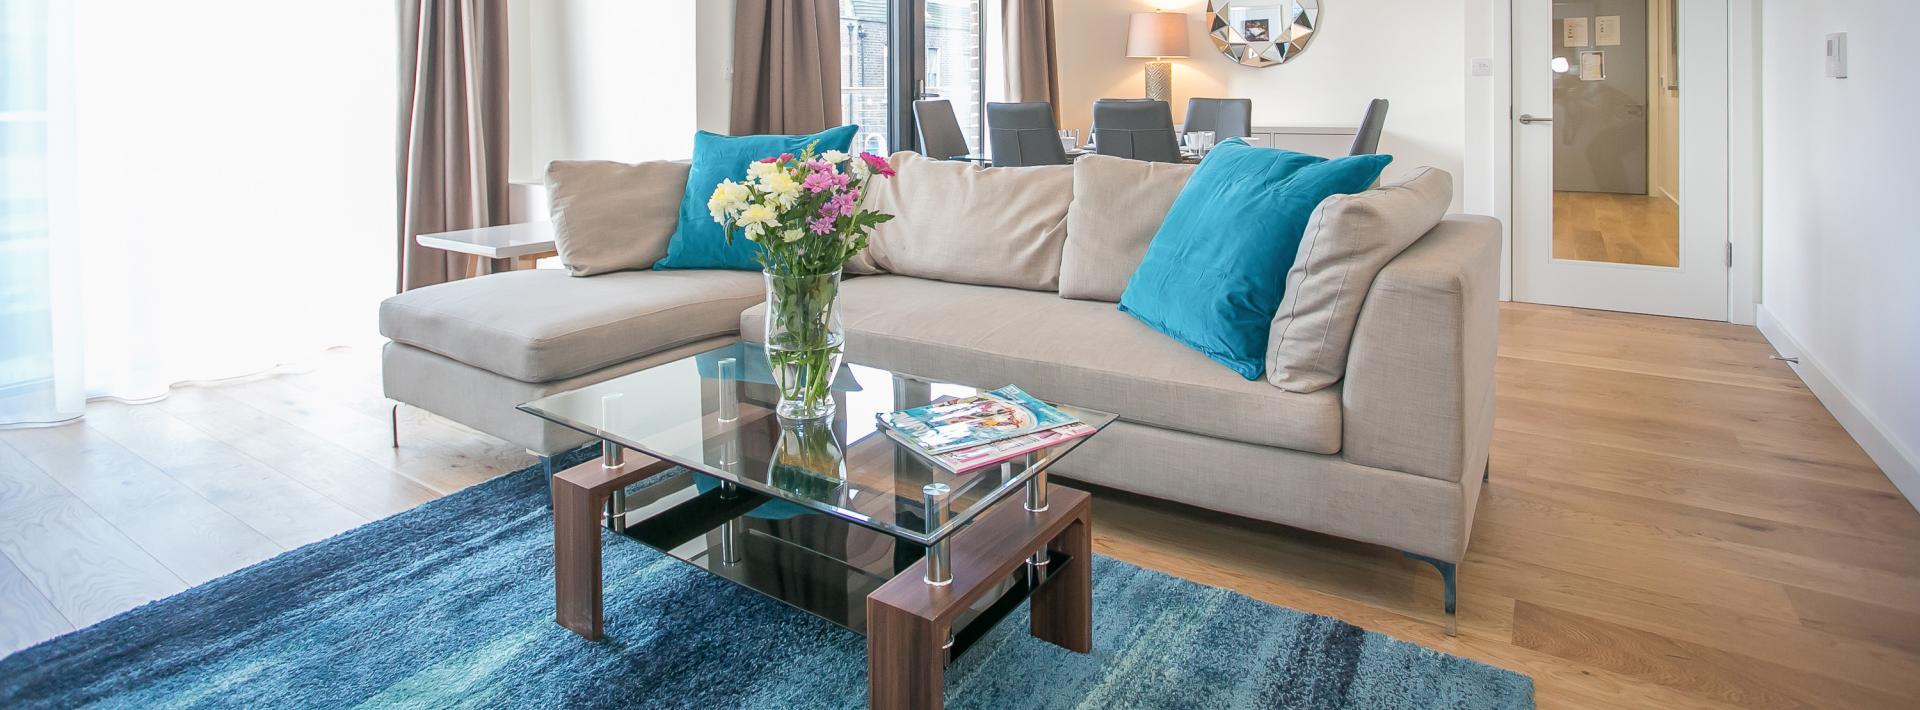 Sofa at Hanover Mills Apartments, North Wall, Dublin - Citybase Apartments